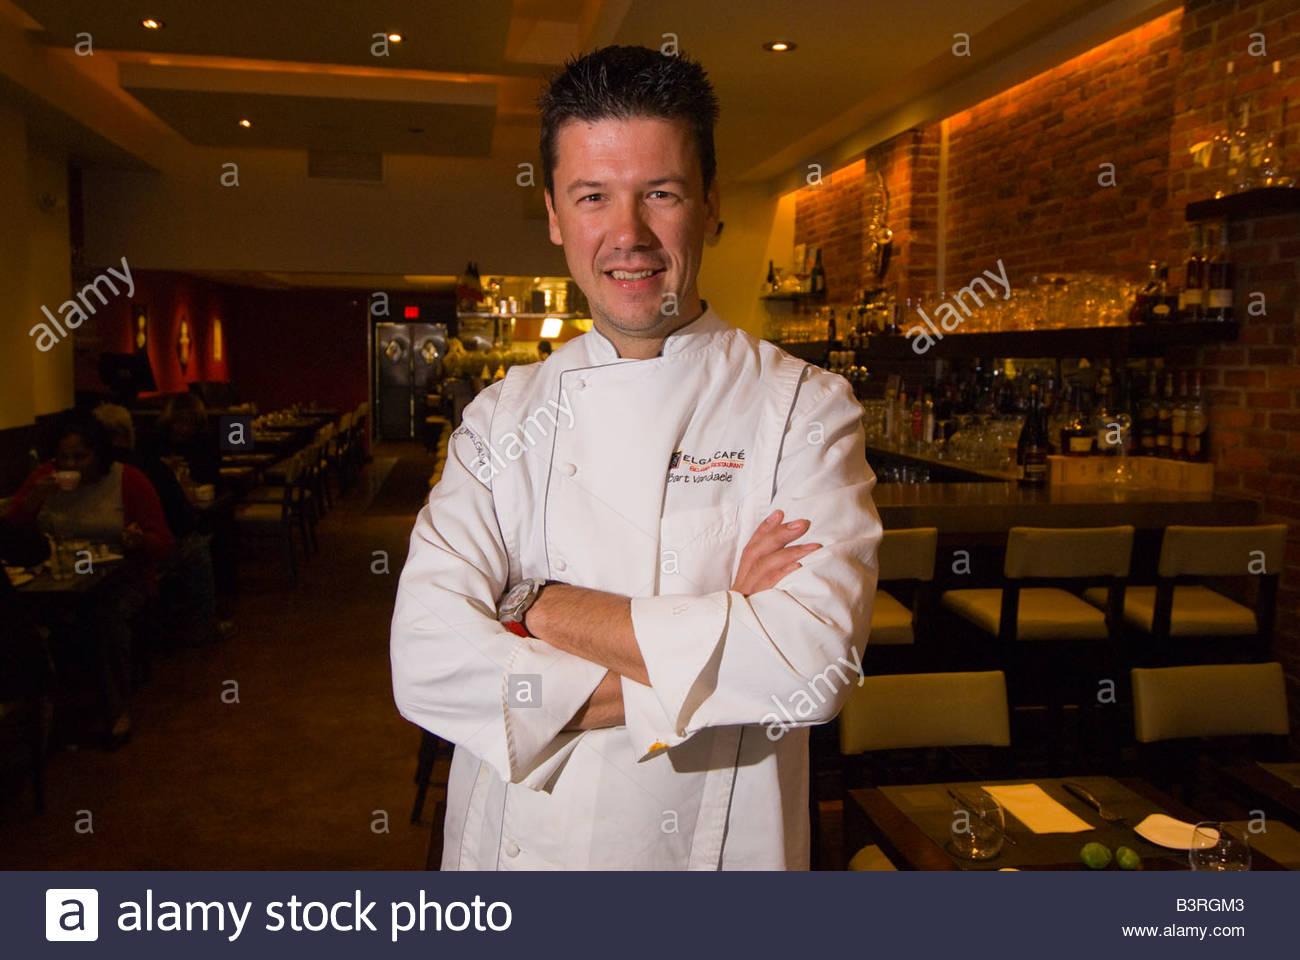 Chef Bart Vandaele Belga Cafe Washington D C U S A Stock Photo